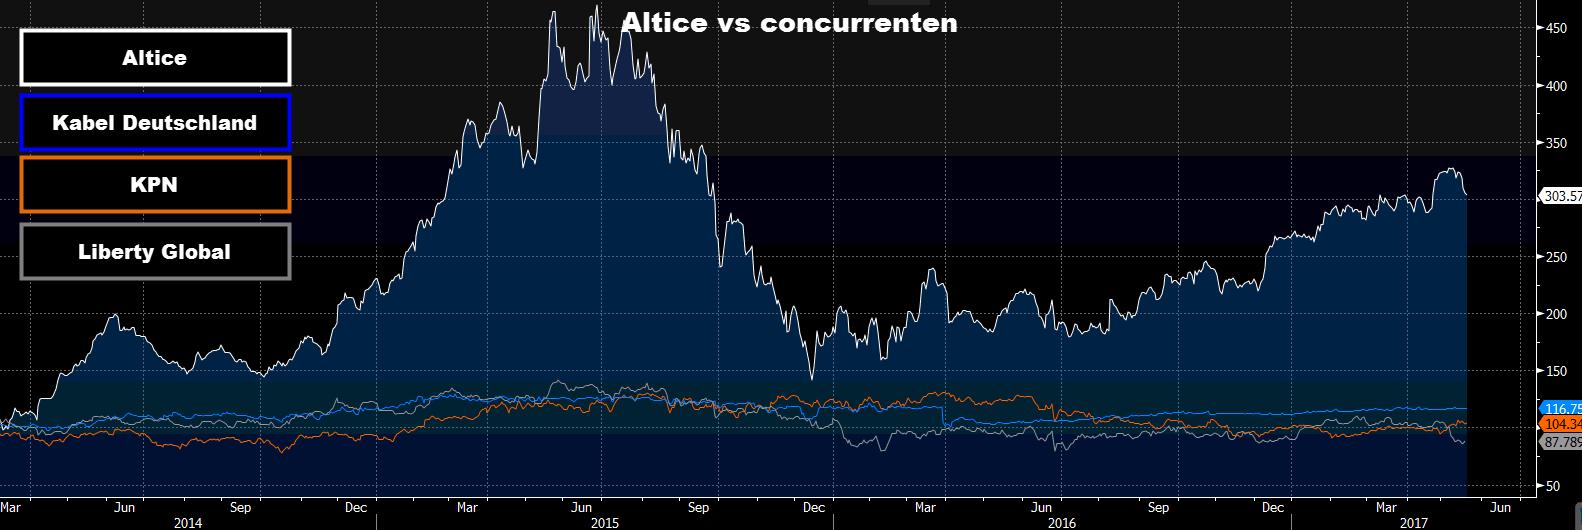 Aandeel Altice advies concurrenten grafiek